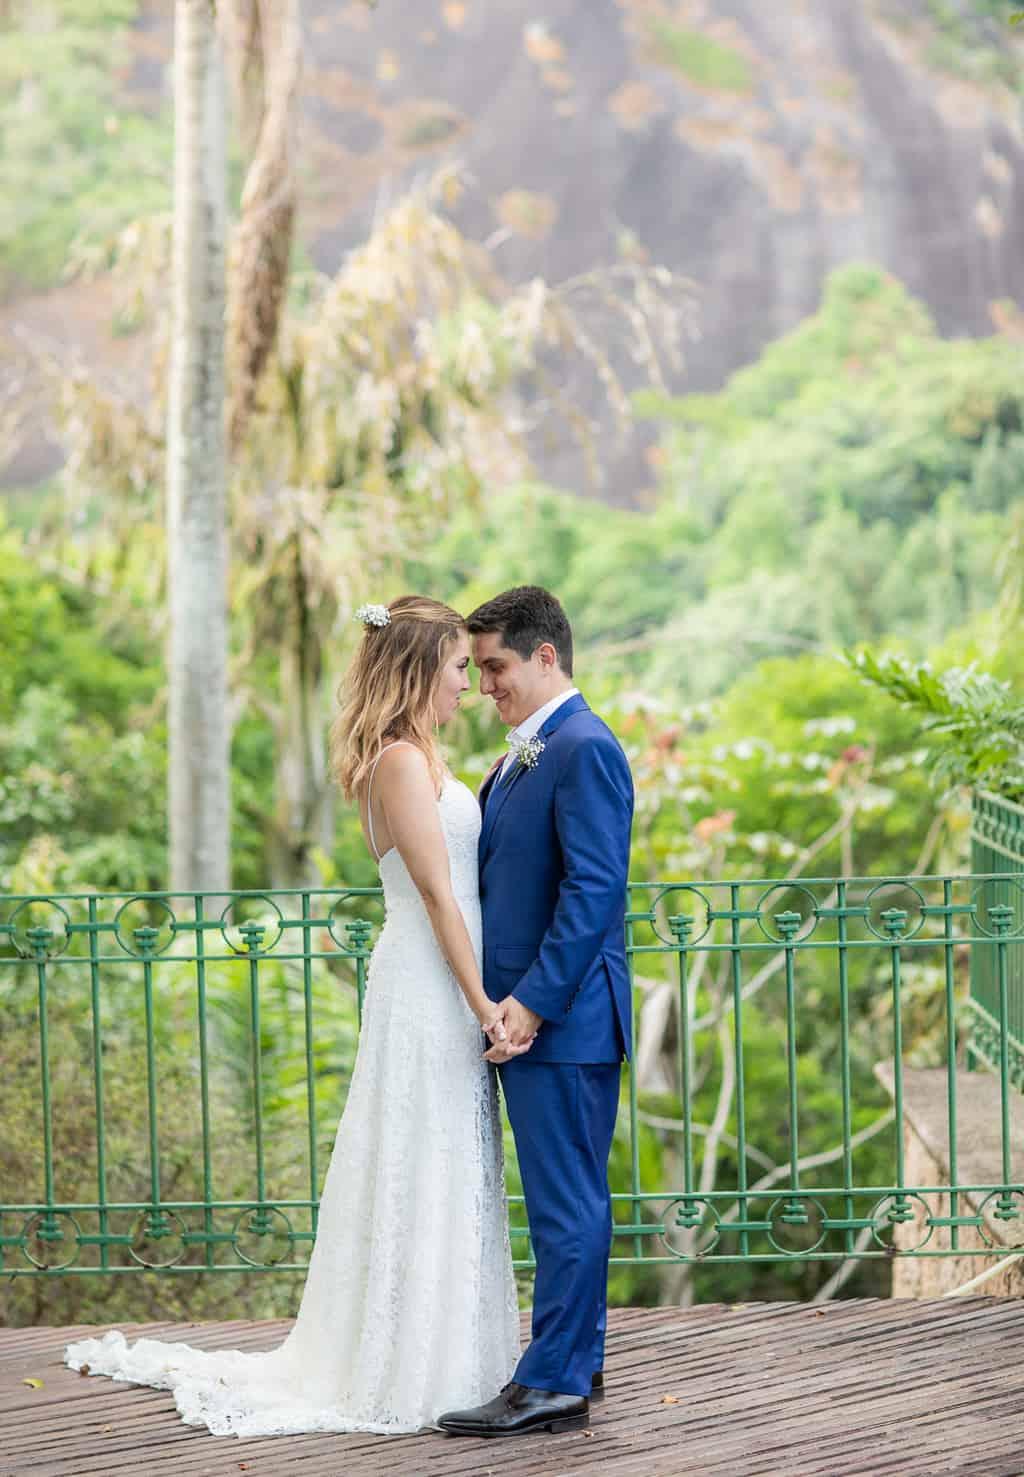 Casa-Capuri-casamento-Roberta-e-Rodrigo-fotos-dos-noivos-Rodrigo-Sack154